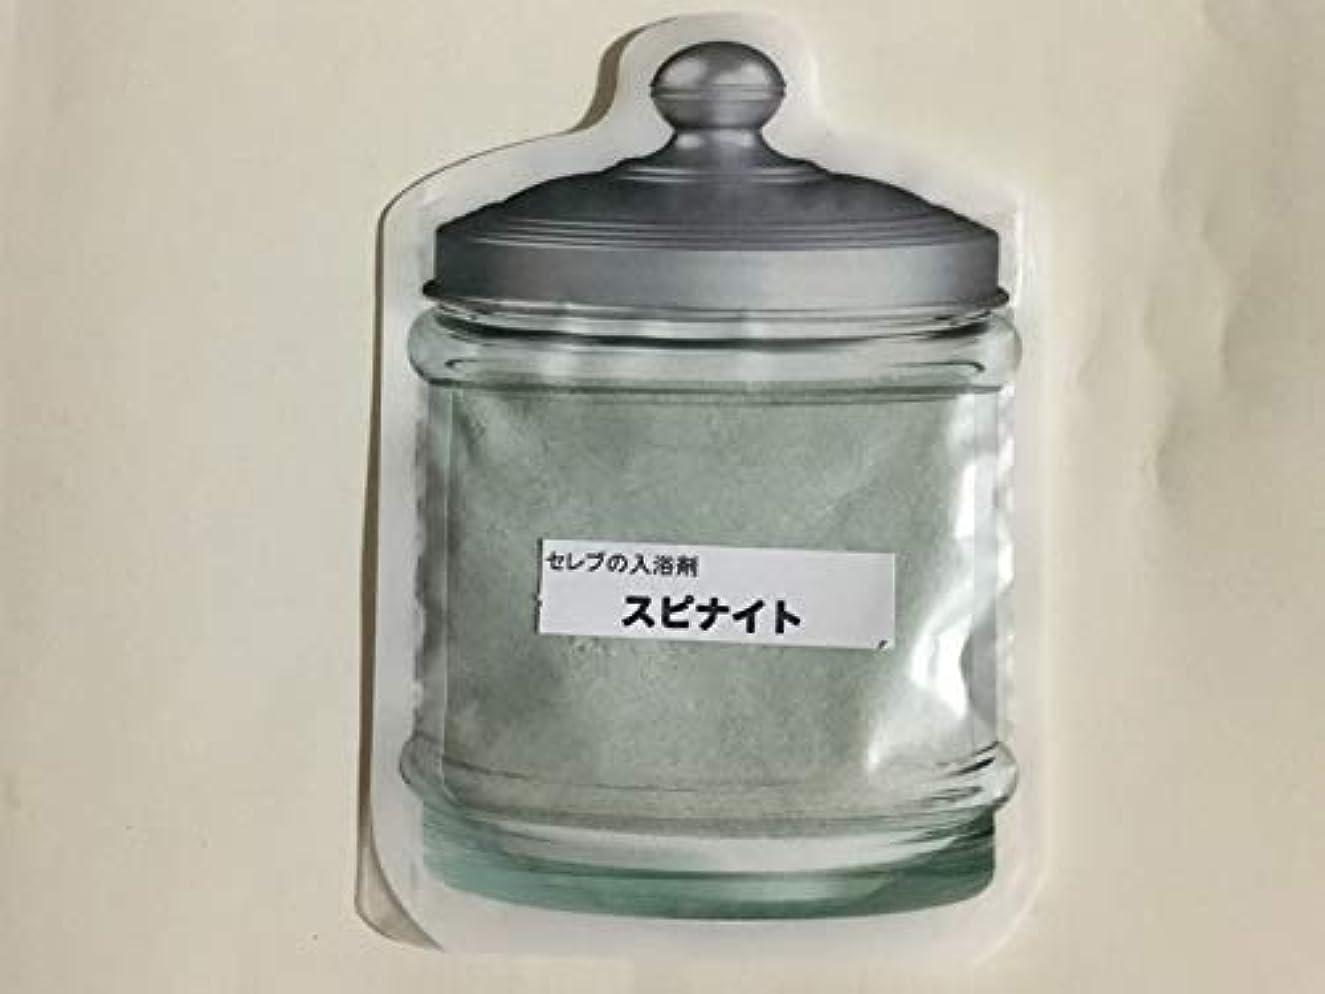 温度呪いプログレッシブセレブの入浴剤「スピナイト」